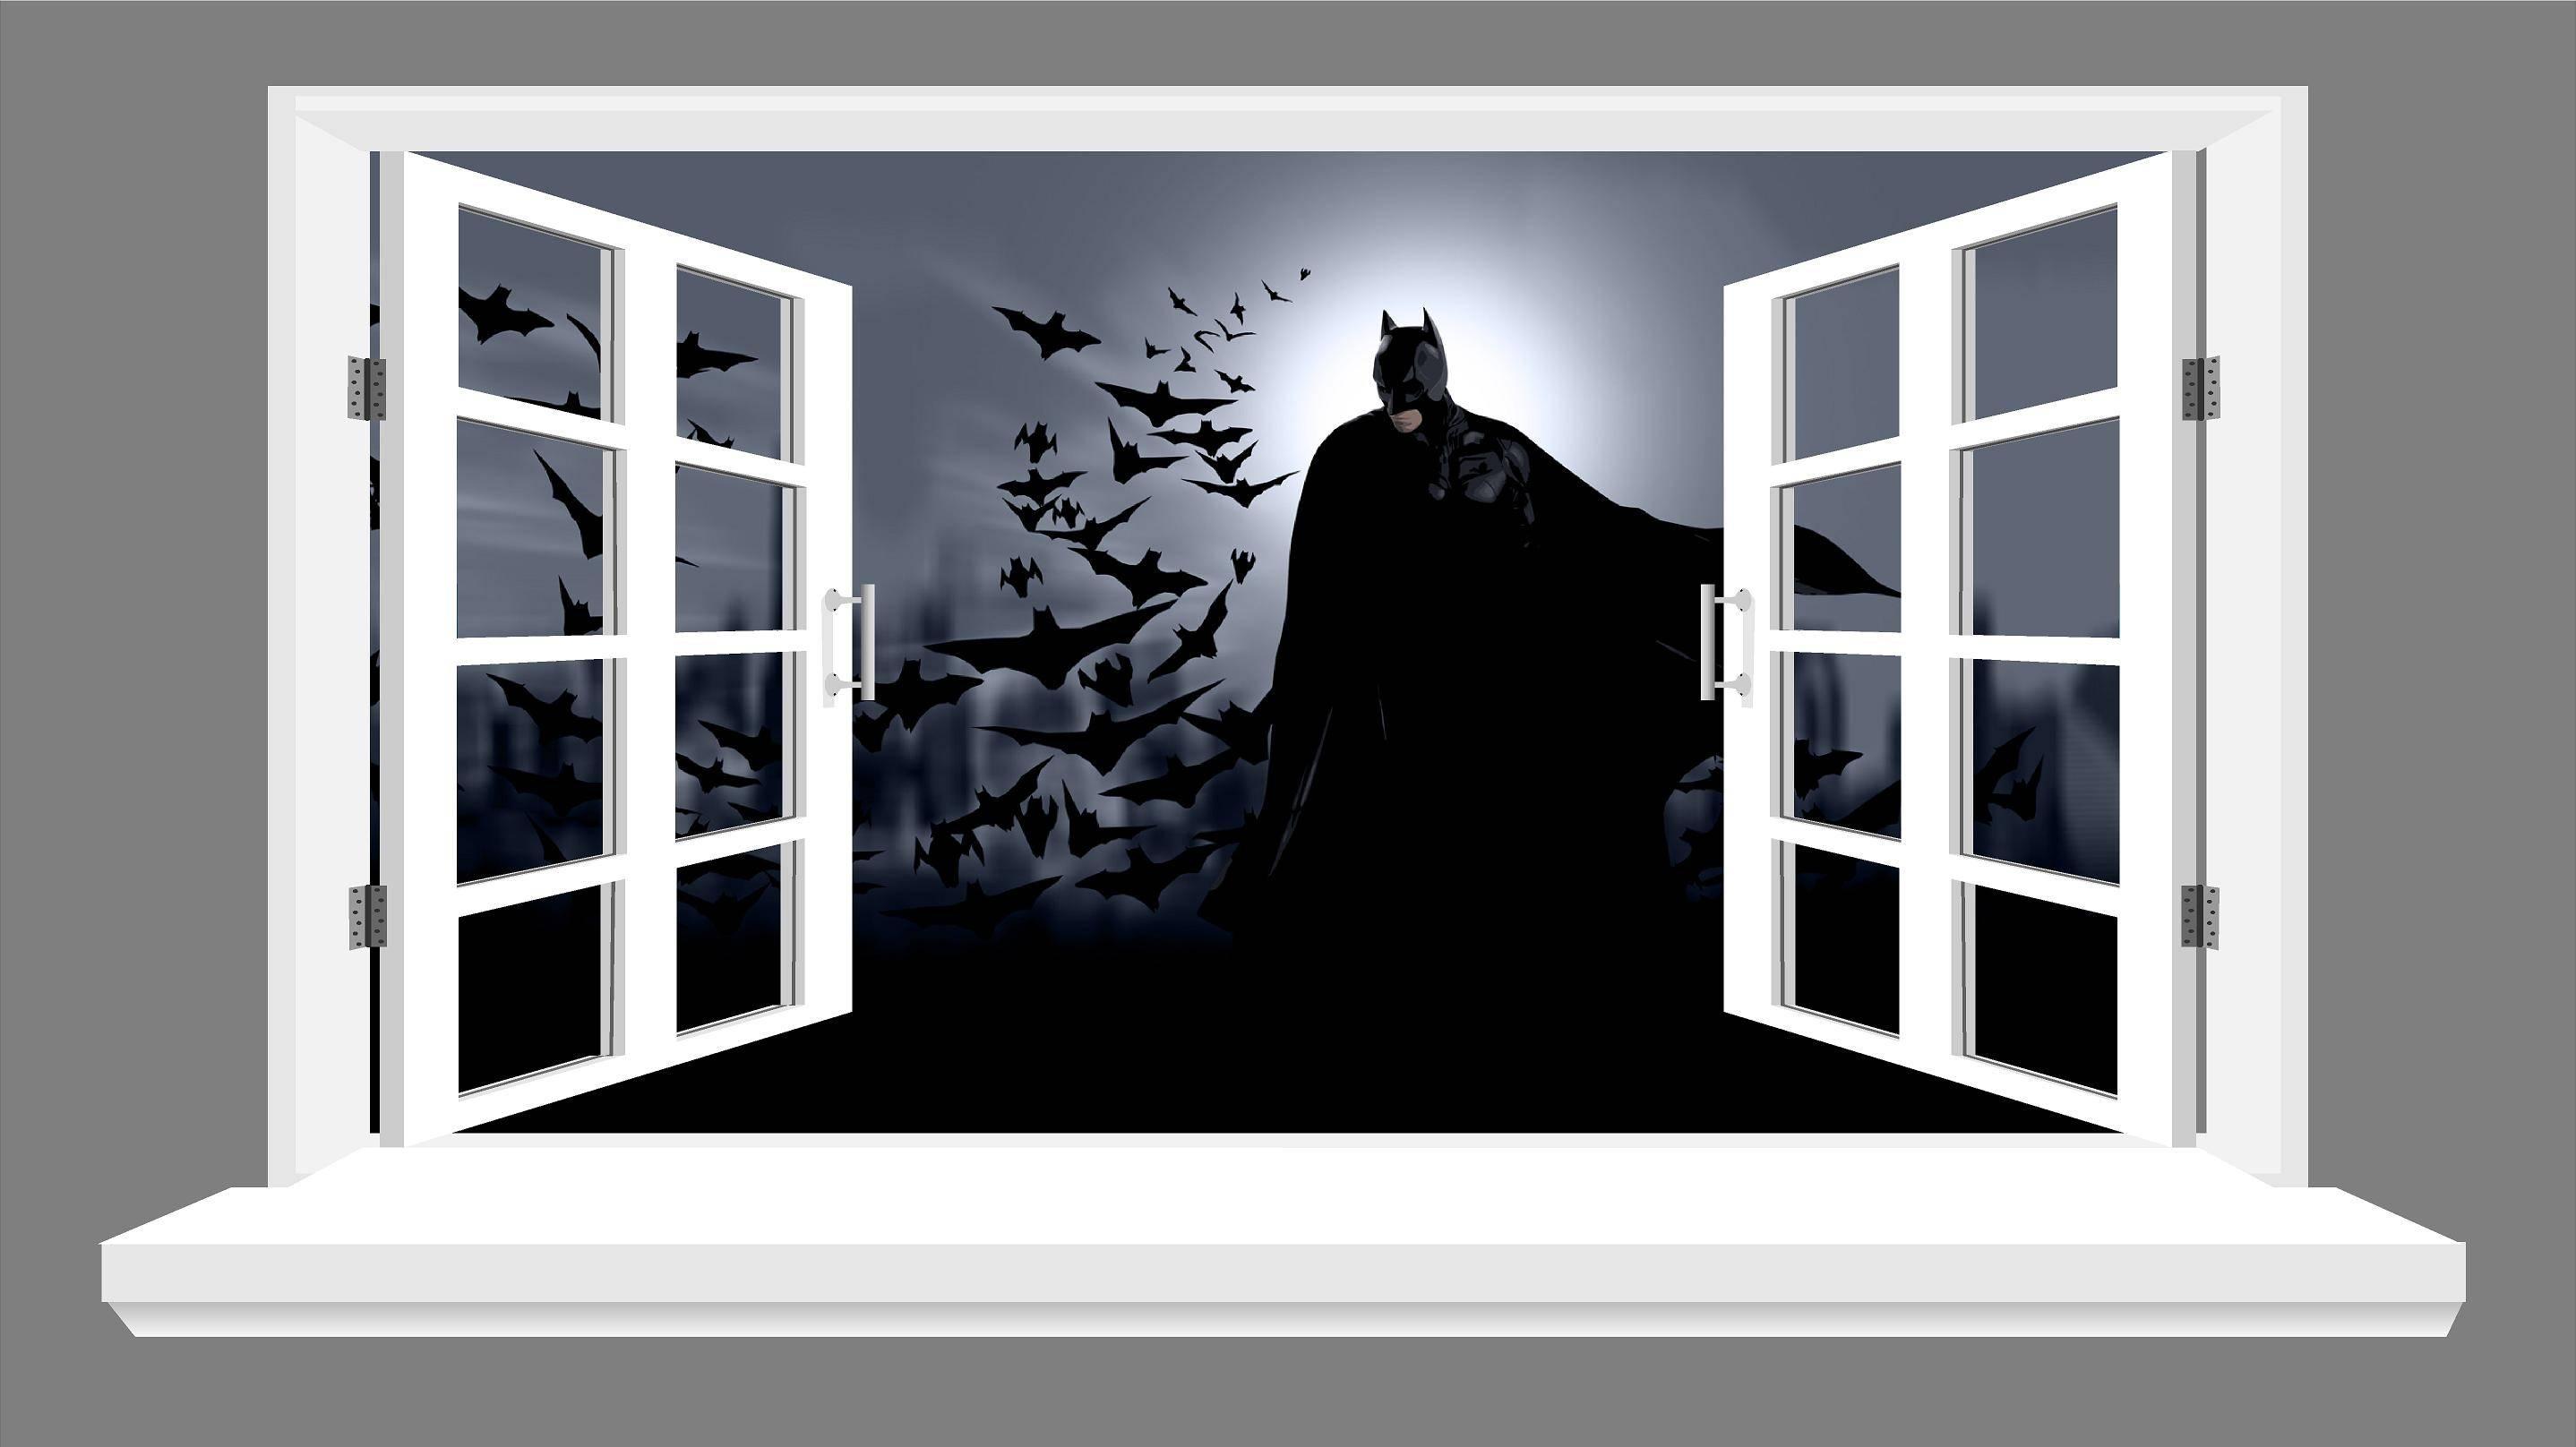 3d Wall Art Batman | Wallartideas Pertaining To Recent Batman 3d Wall Art (View 9 of 20)